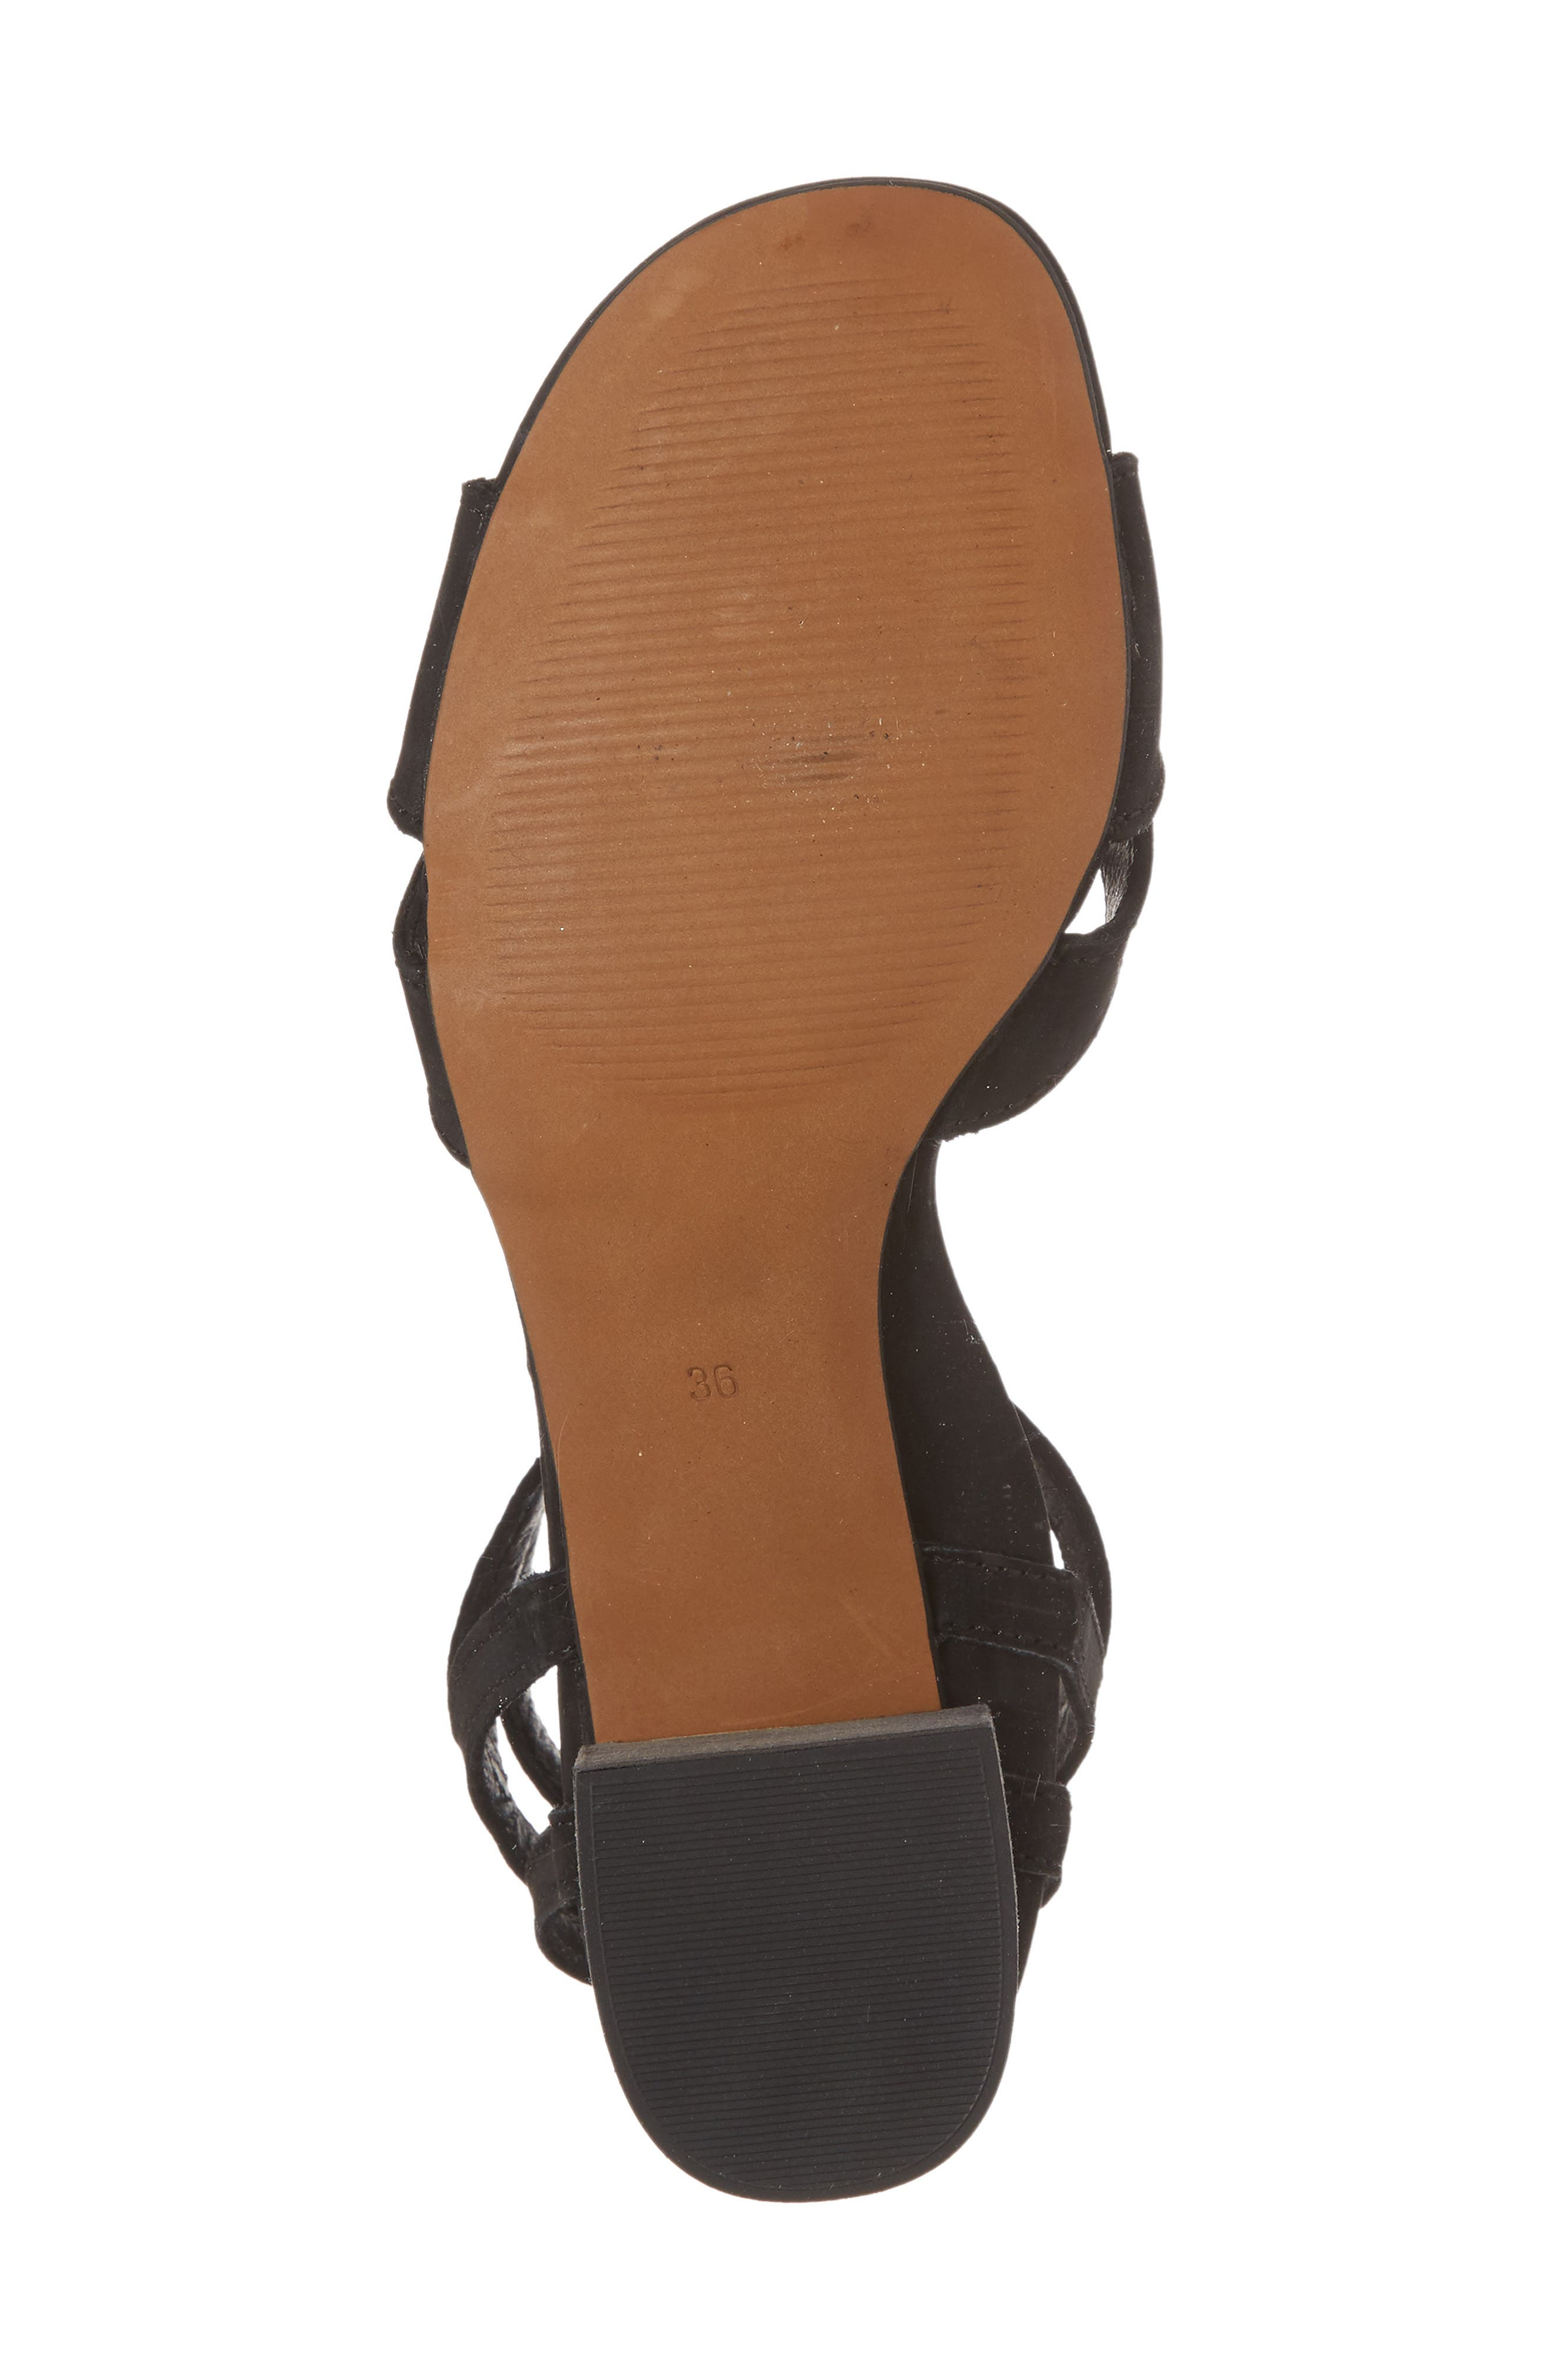 Zorita Sandal,                             Alternate thumbnail 6, color,                             Black Nubuck Leather